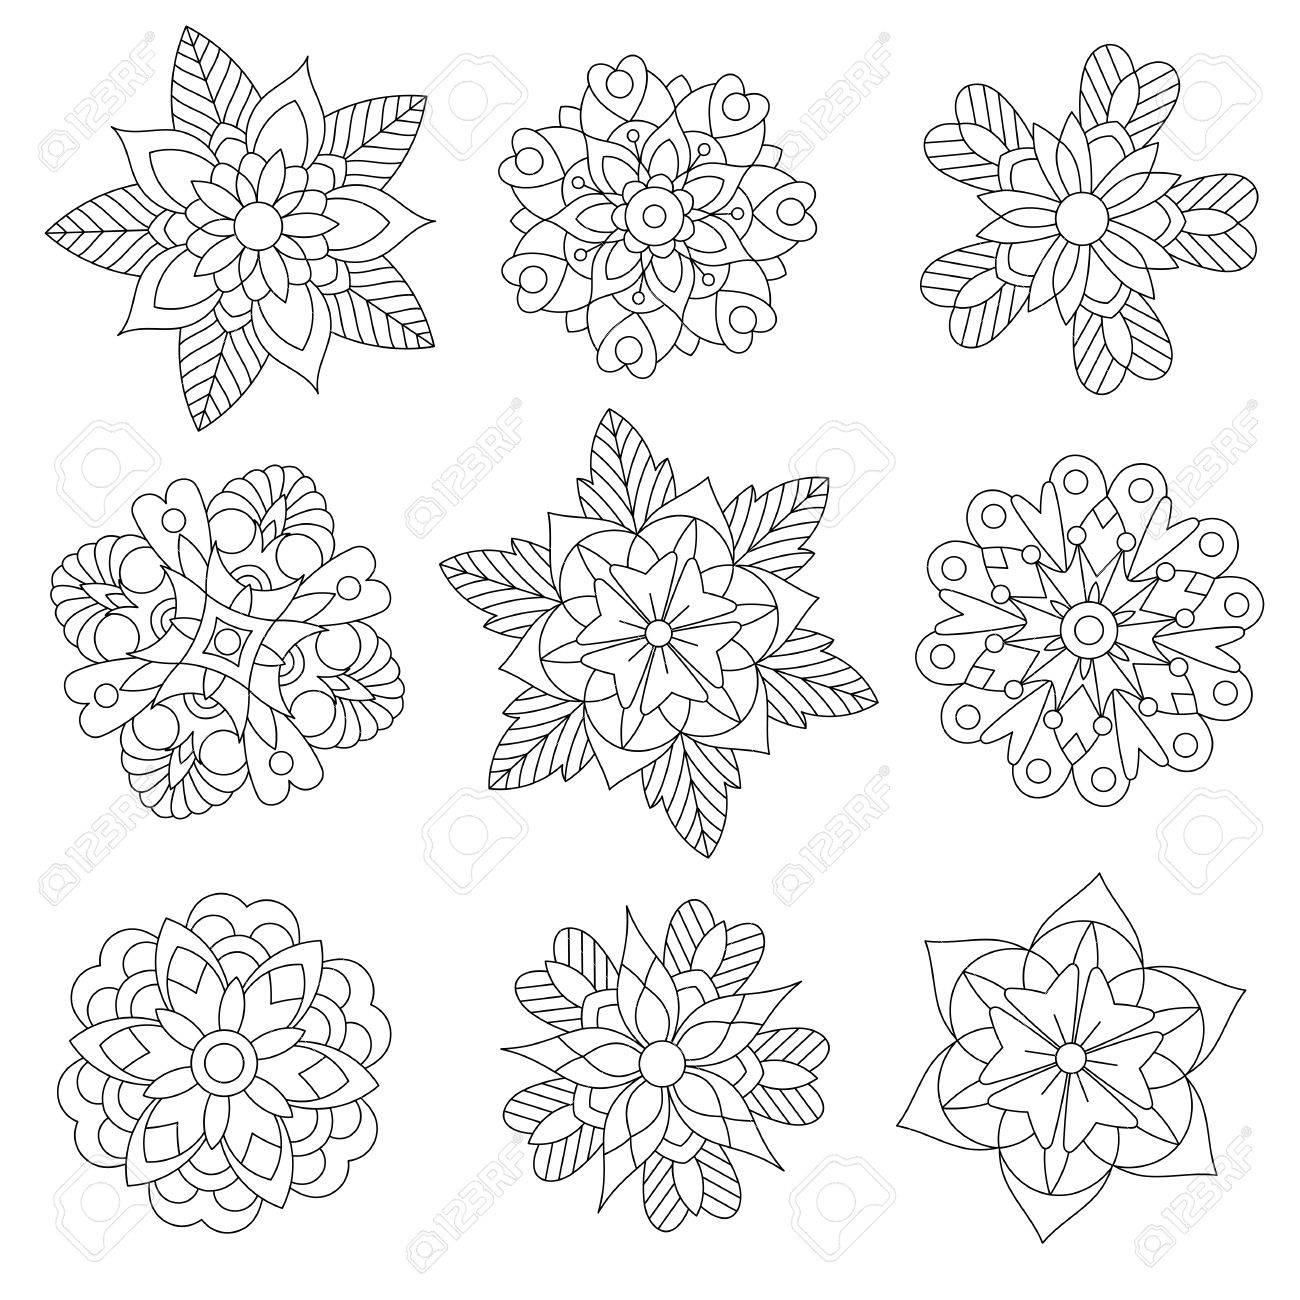 Malvorlage Von Weihnachten Blumenschmuck. Sammlung Von Schneeflocken ...